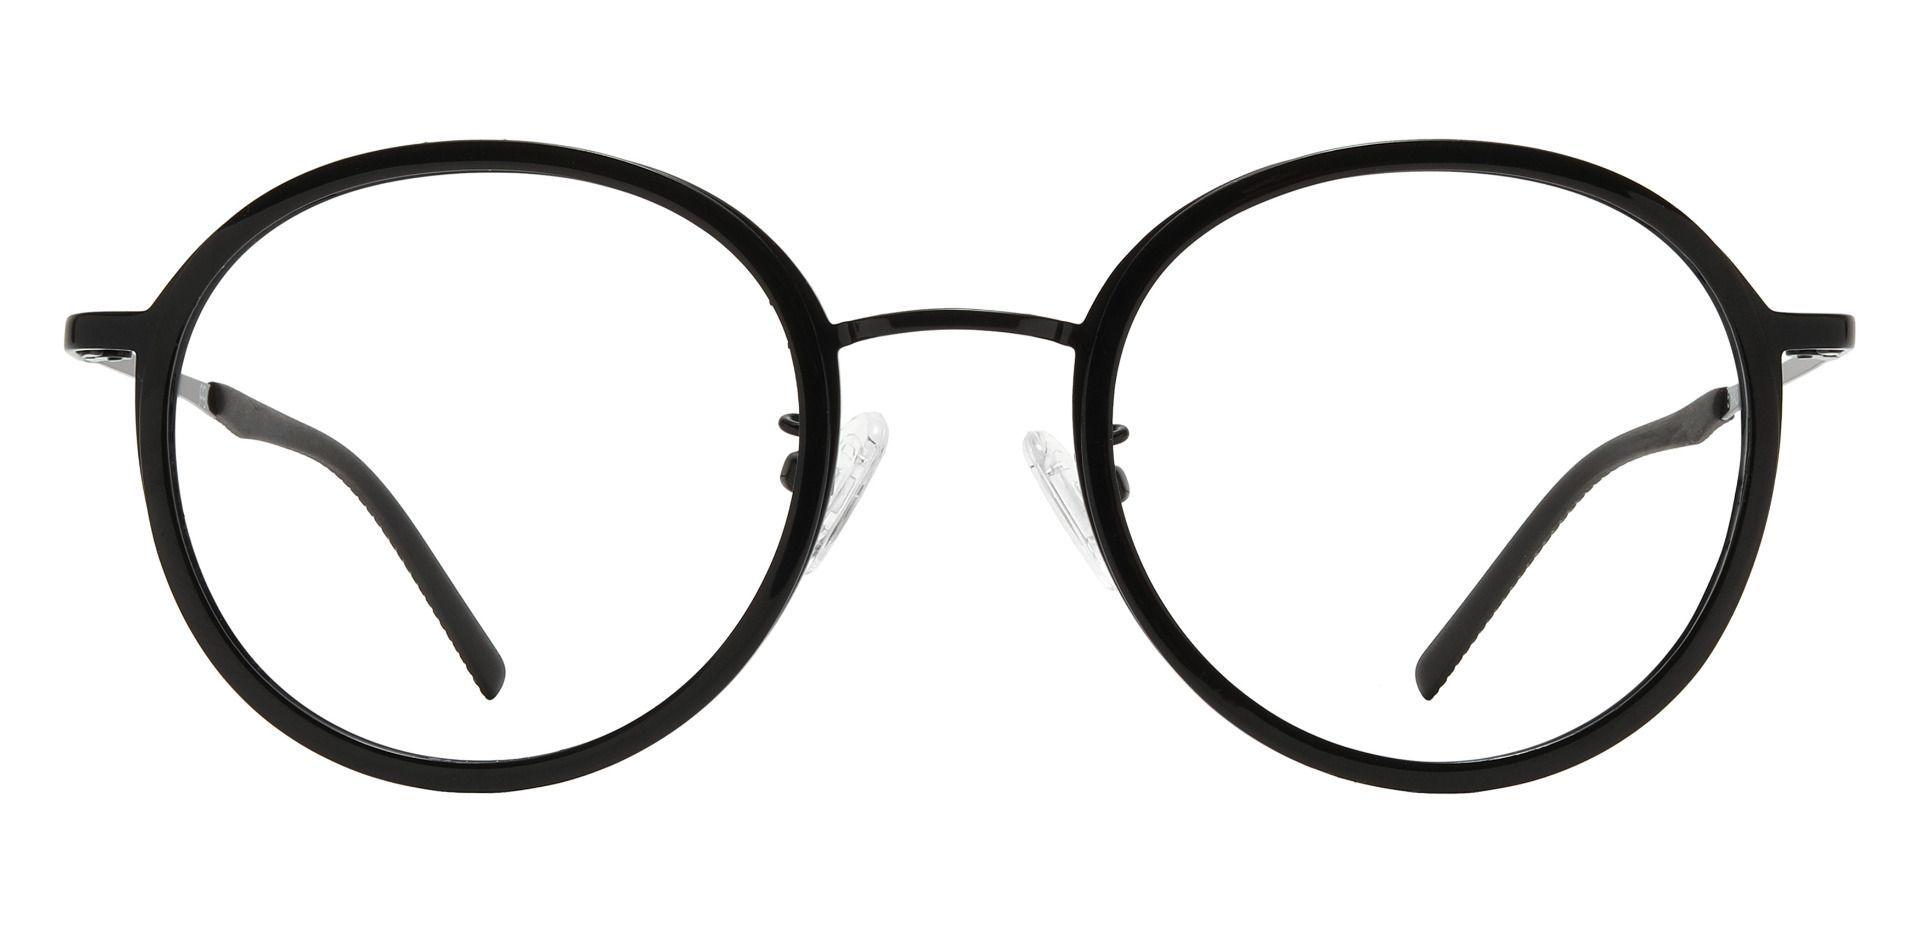 Brunswick Round Prescription Glasses - Black